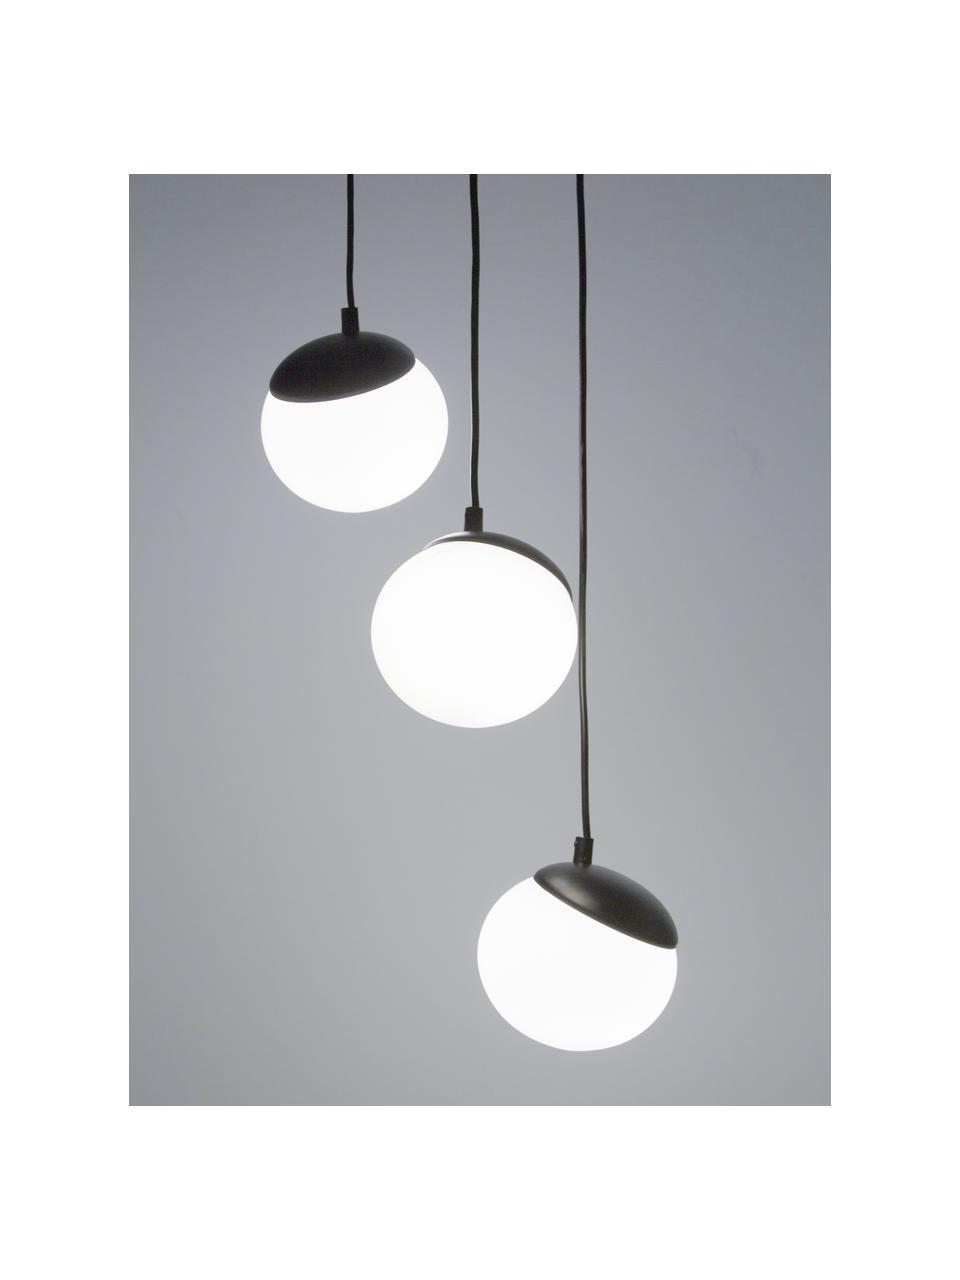 Lampada a sospensione in vetro opale Sfera, Paralume: vetro opale, Nero, bianco opalino, Ø 35